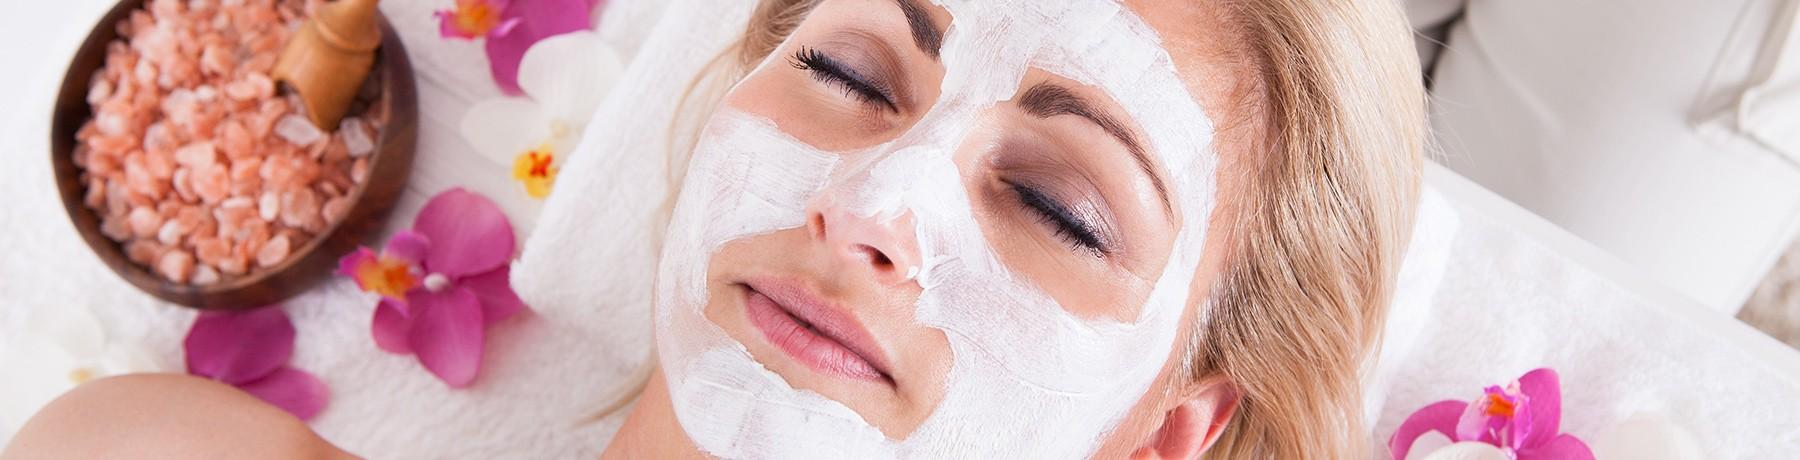 אייקון טיפול פנים